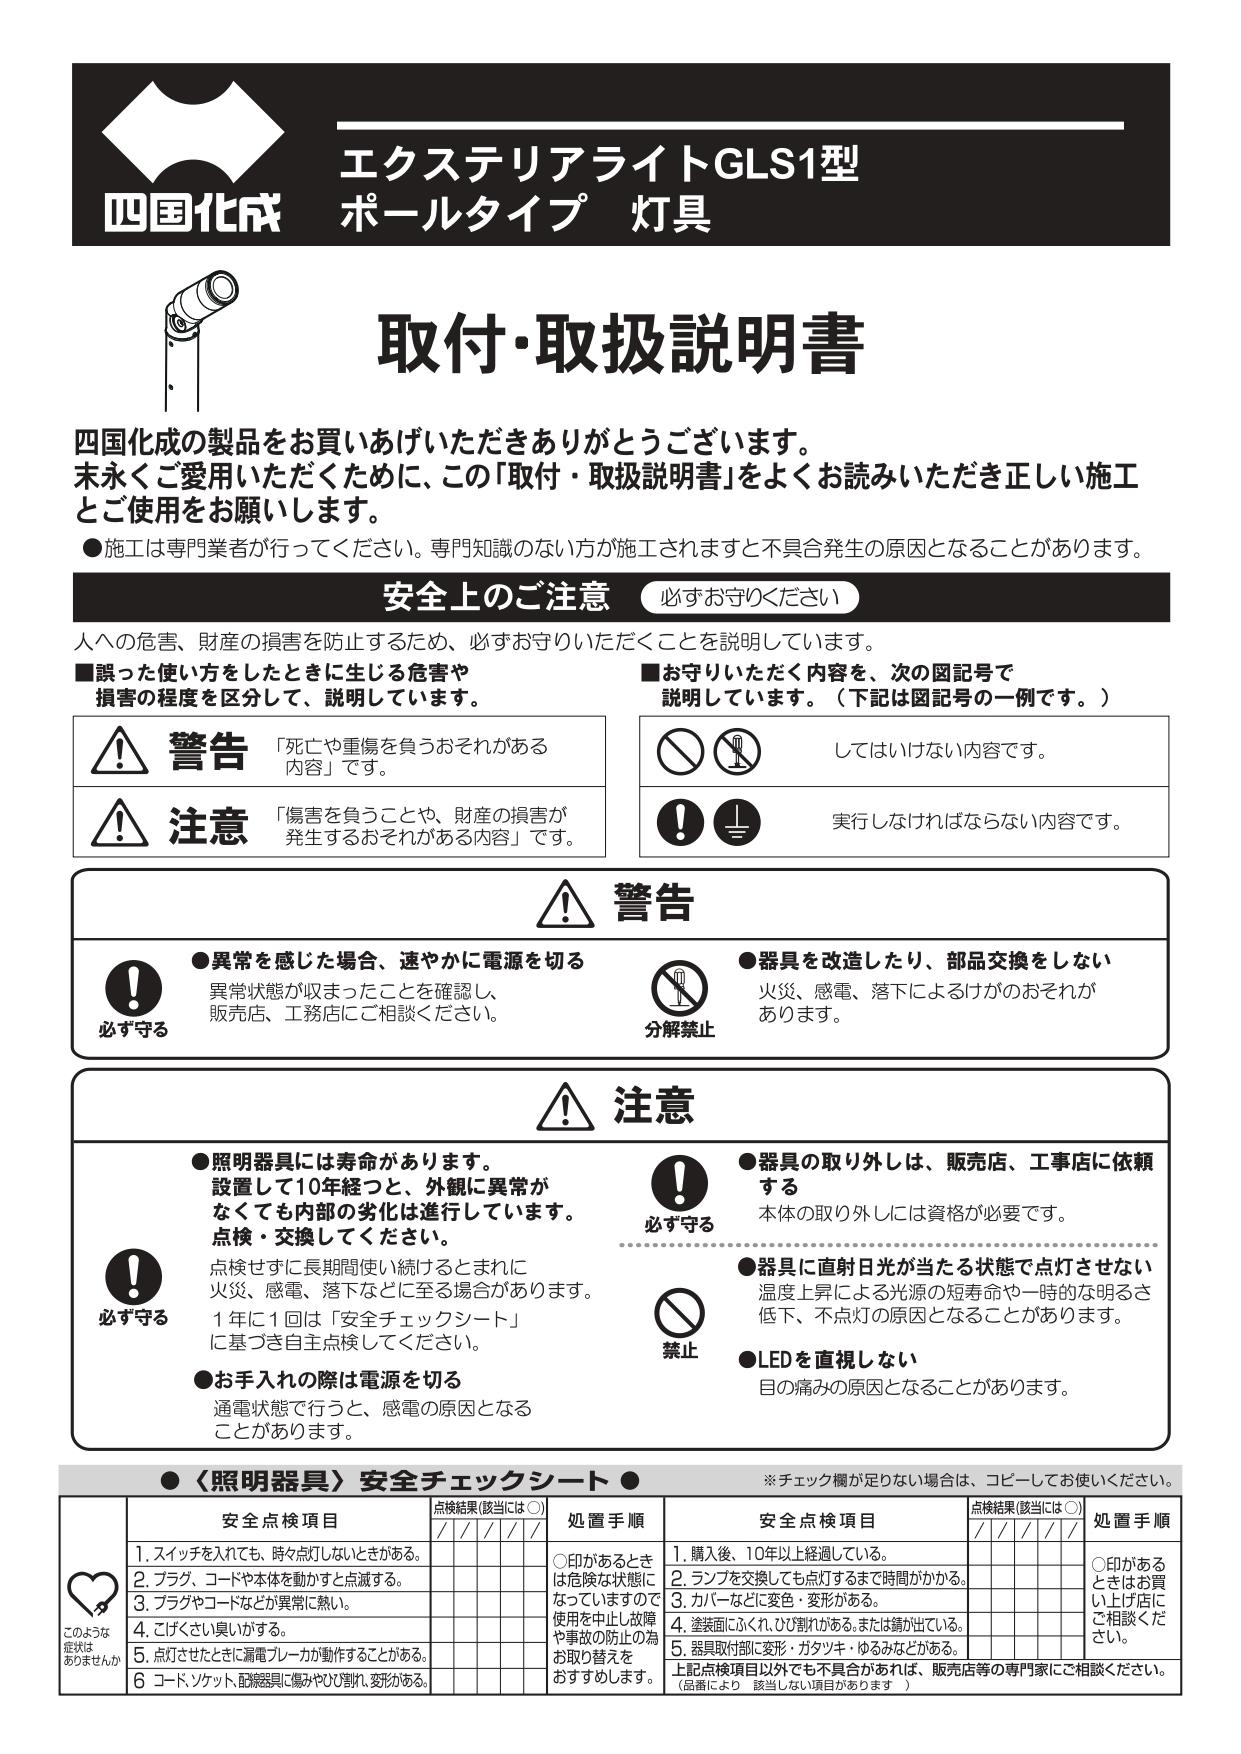 エクステリアライト GLS1型 スポットライト ポールタイプ 施工説明書_page-0001